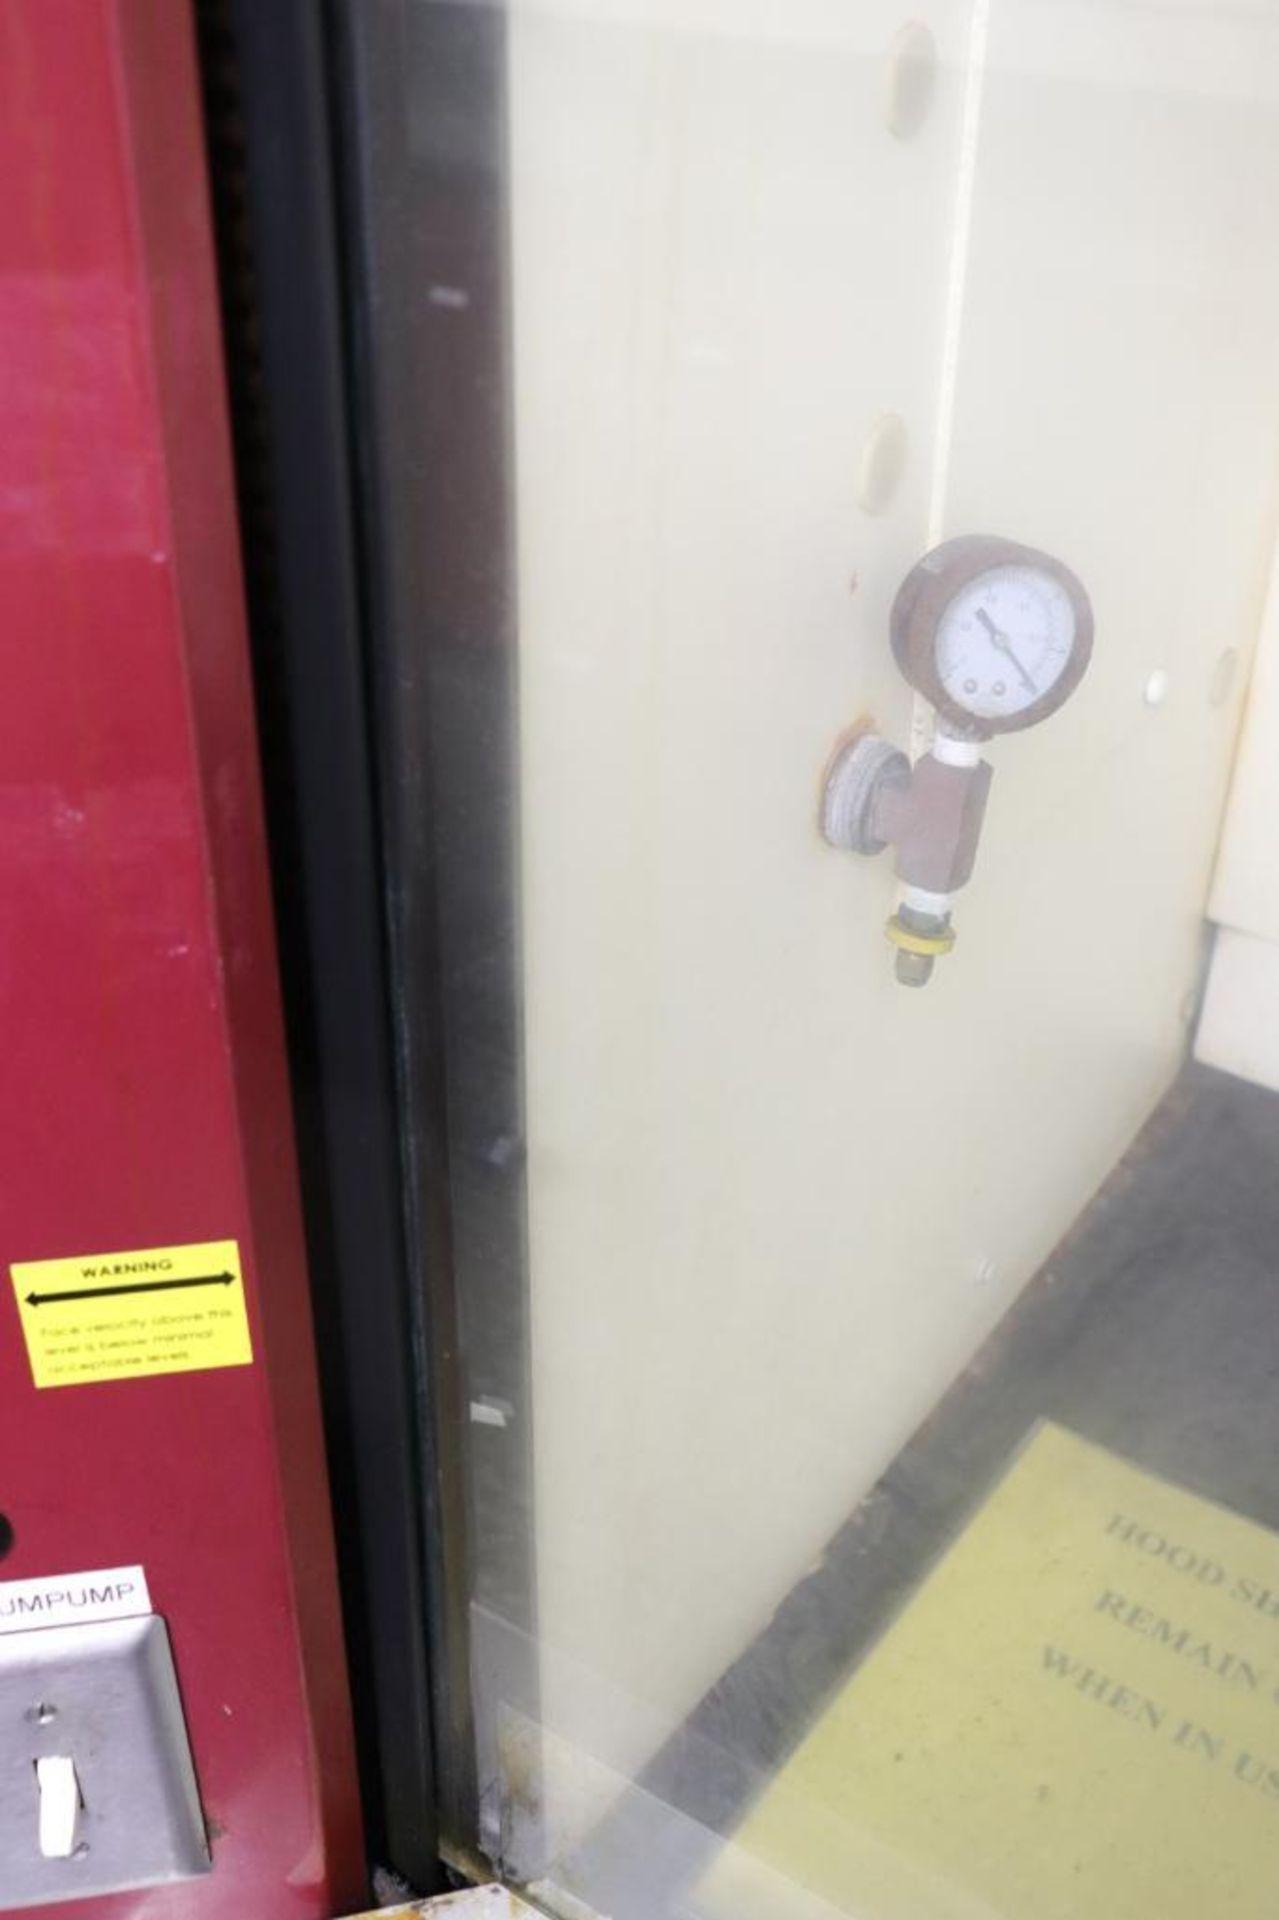 Laboratory exhaust fume hood - Image 4 of 7